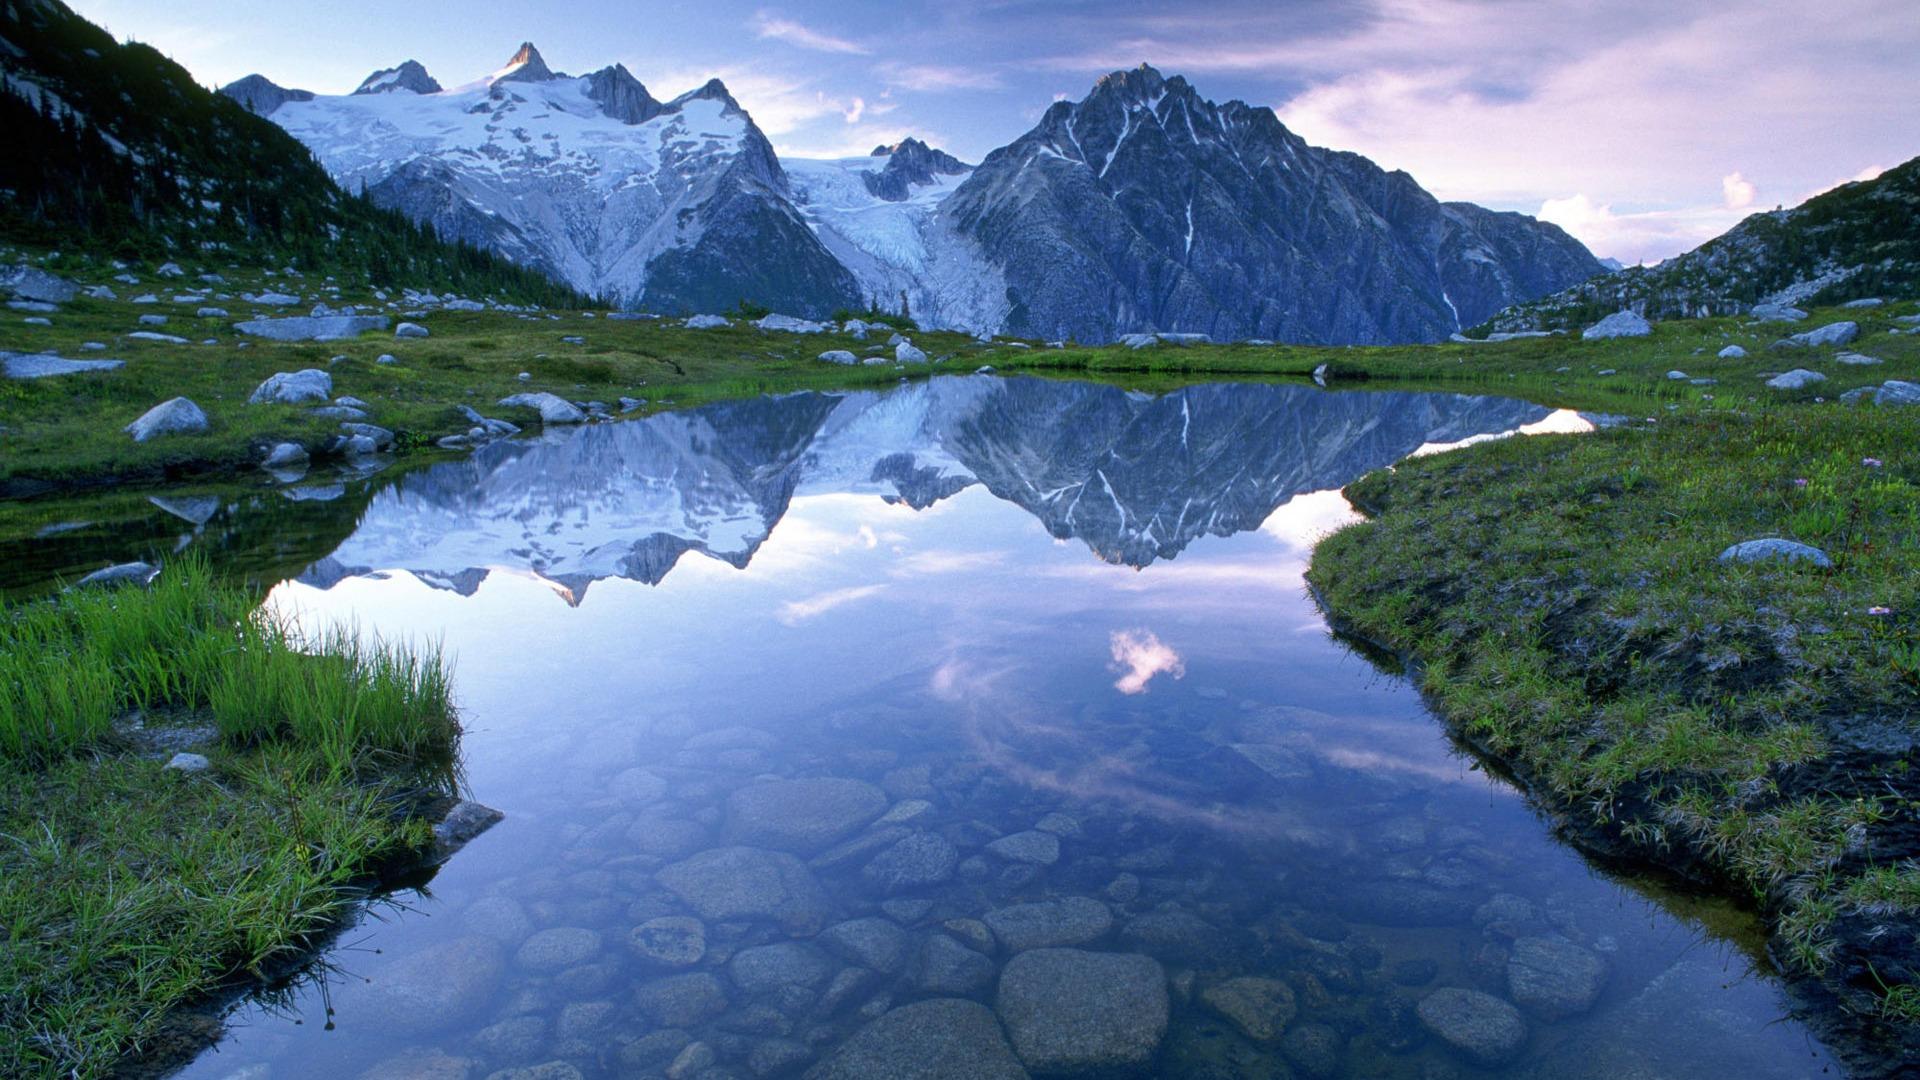 landscape wallpaper 1 - photo #10